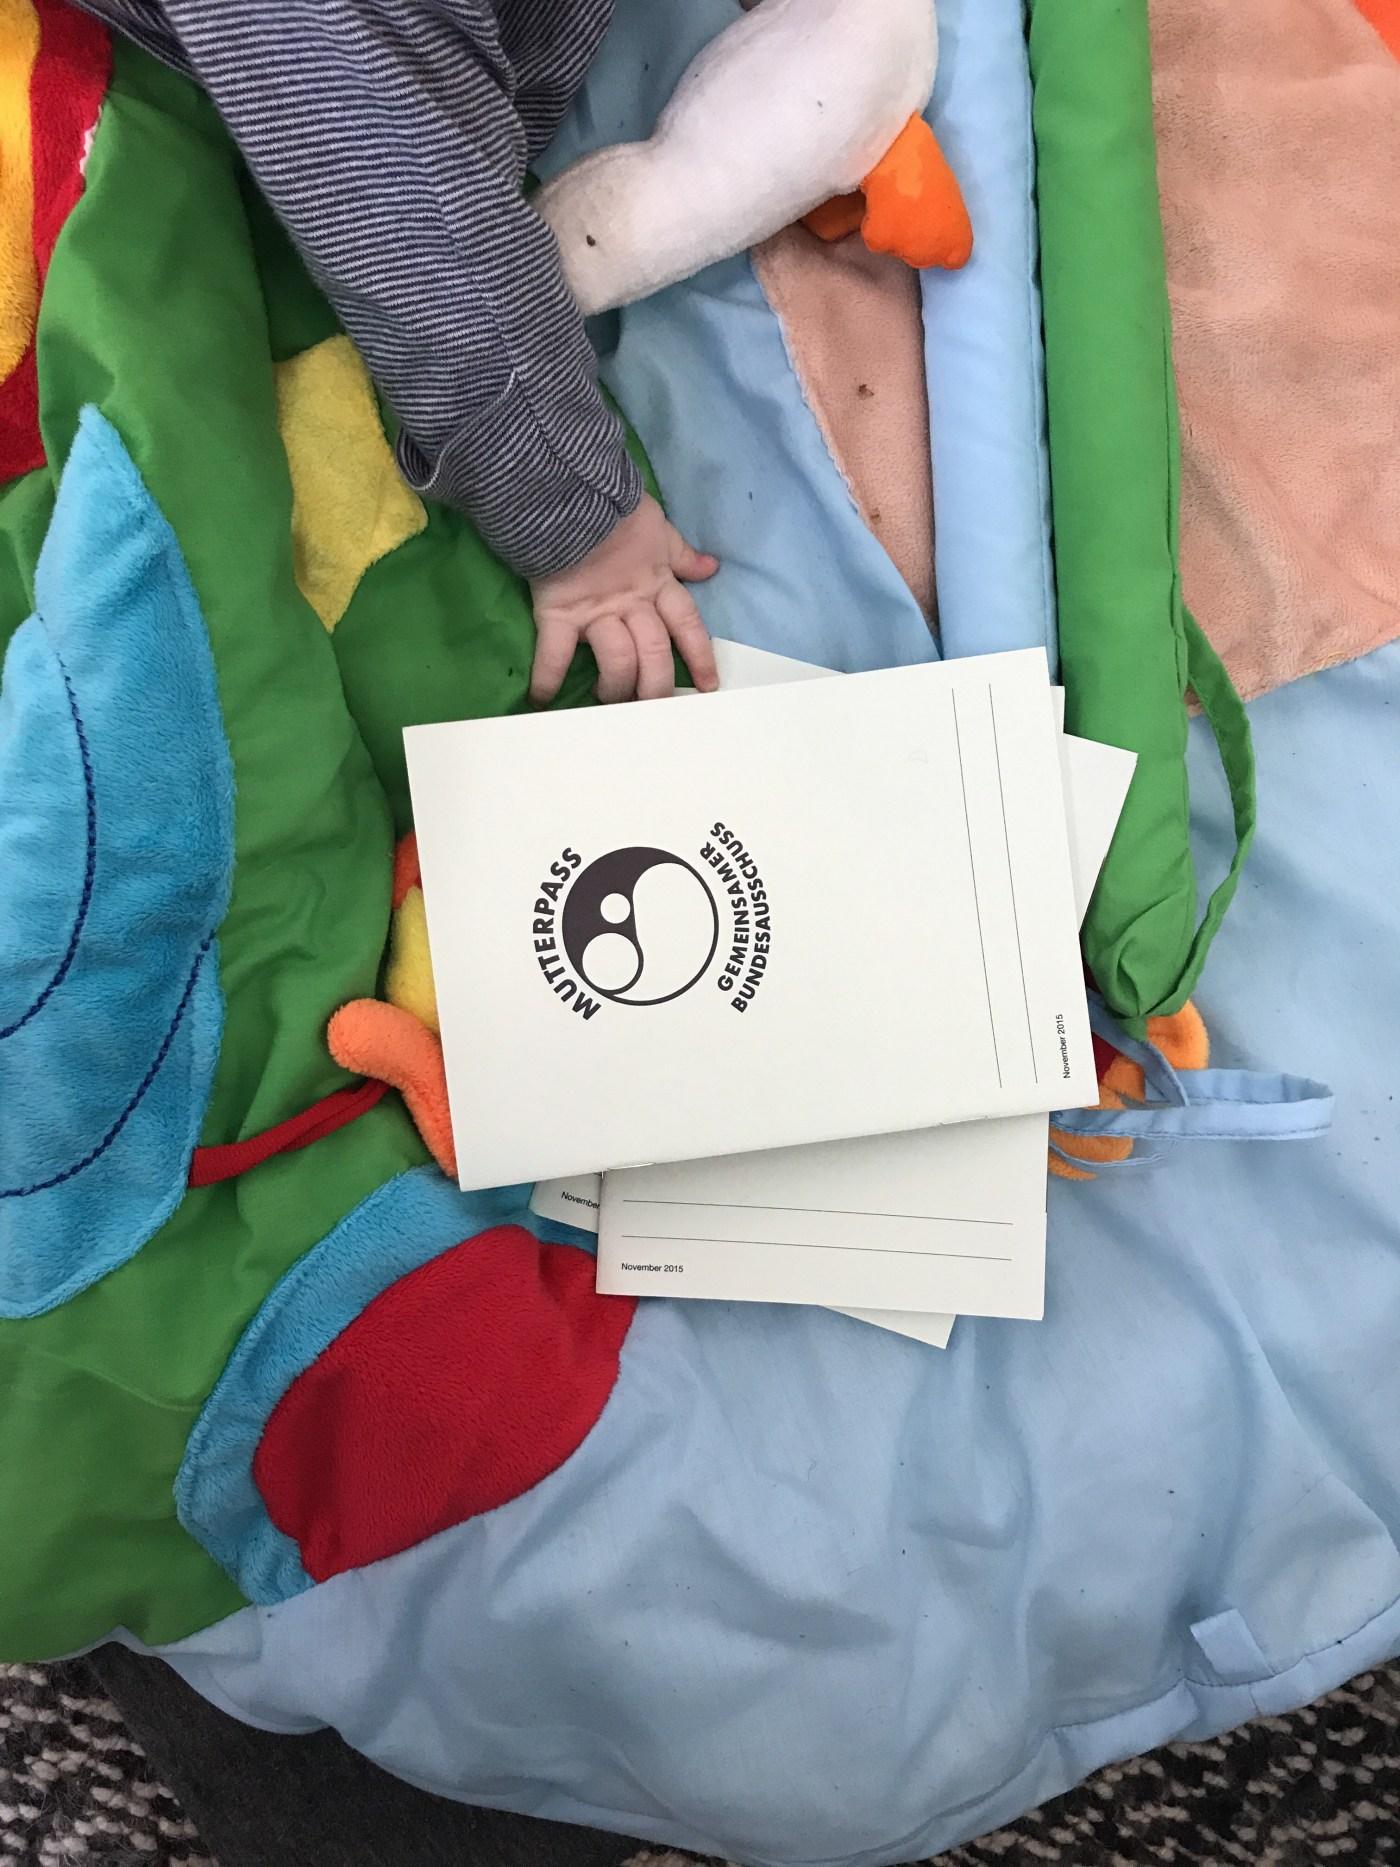 Baby holding a Mutterpass